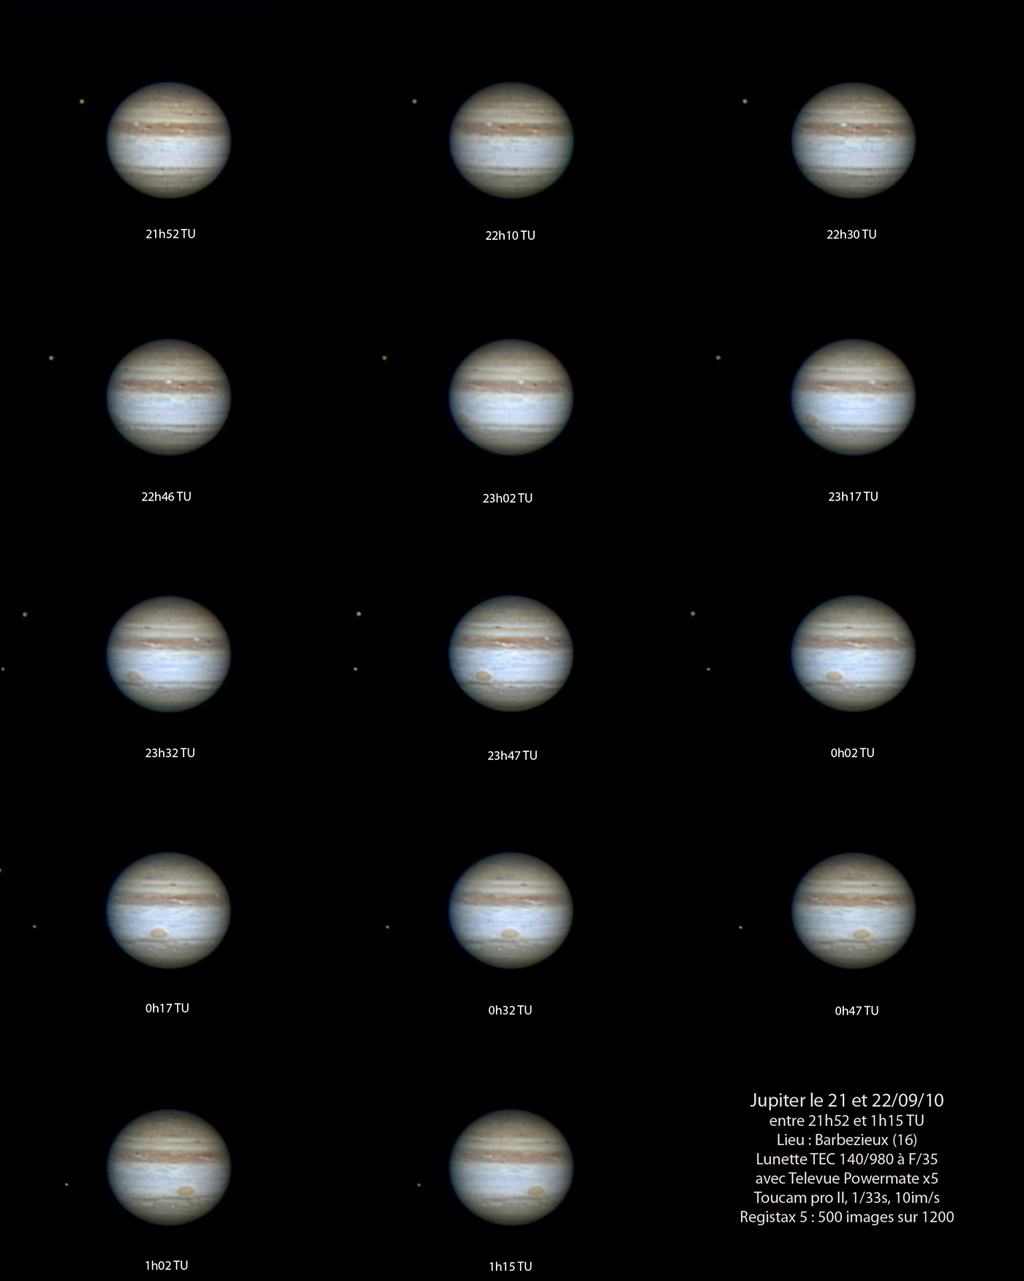 Le planétaire - Page 5 Jupiter-planche-220910r